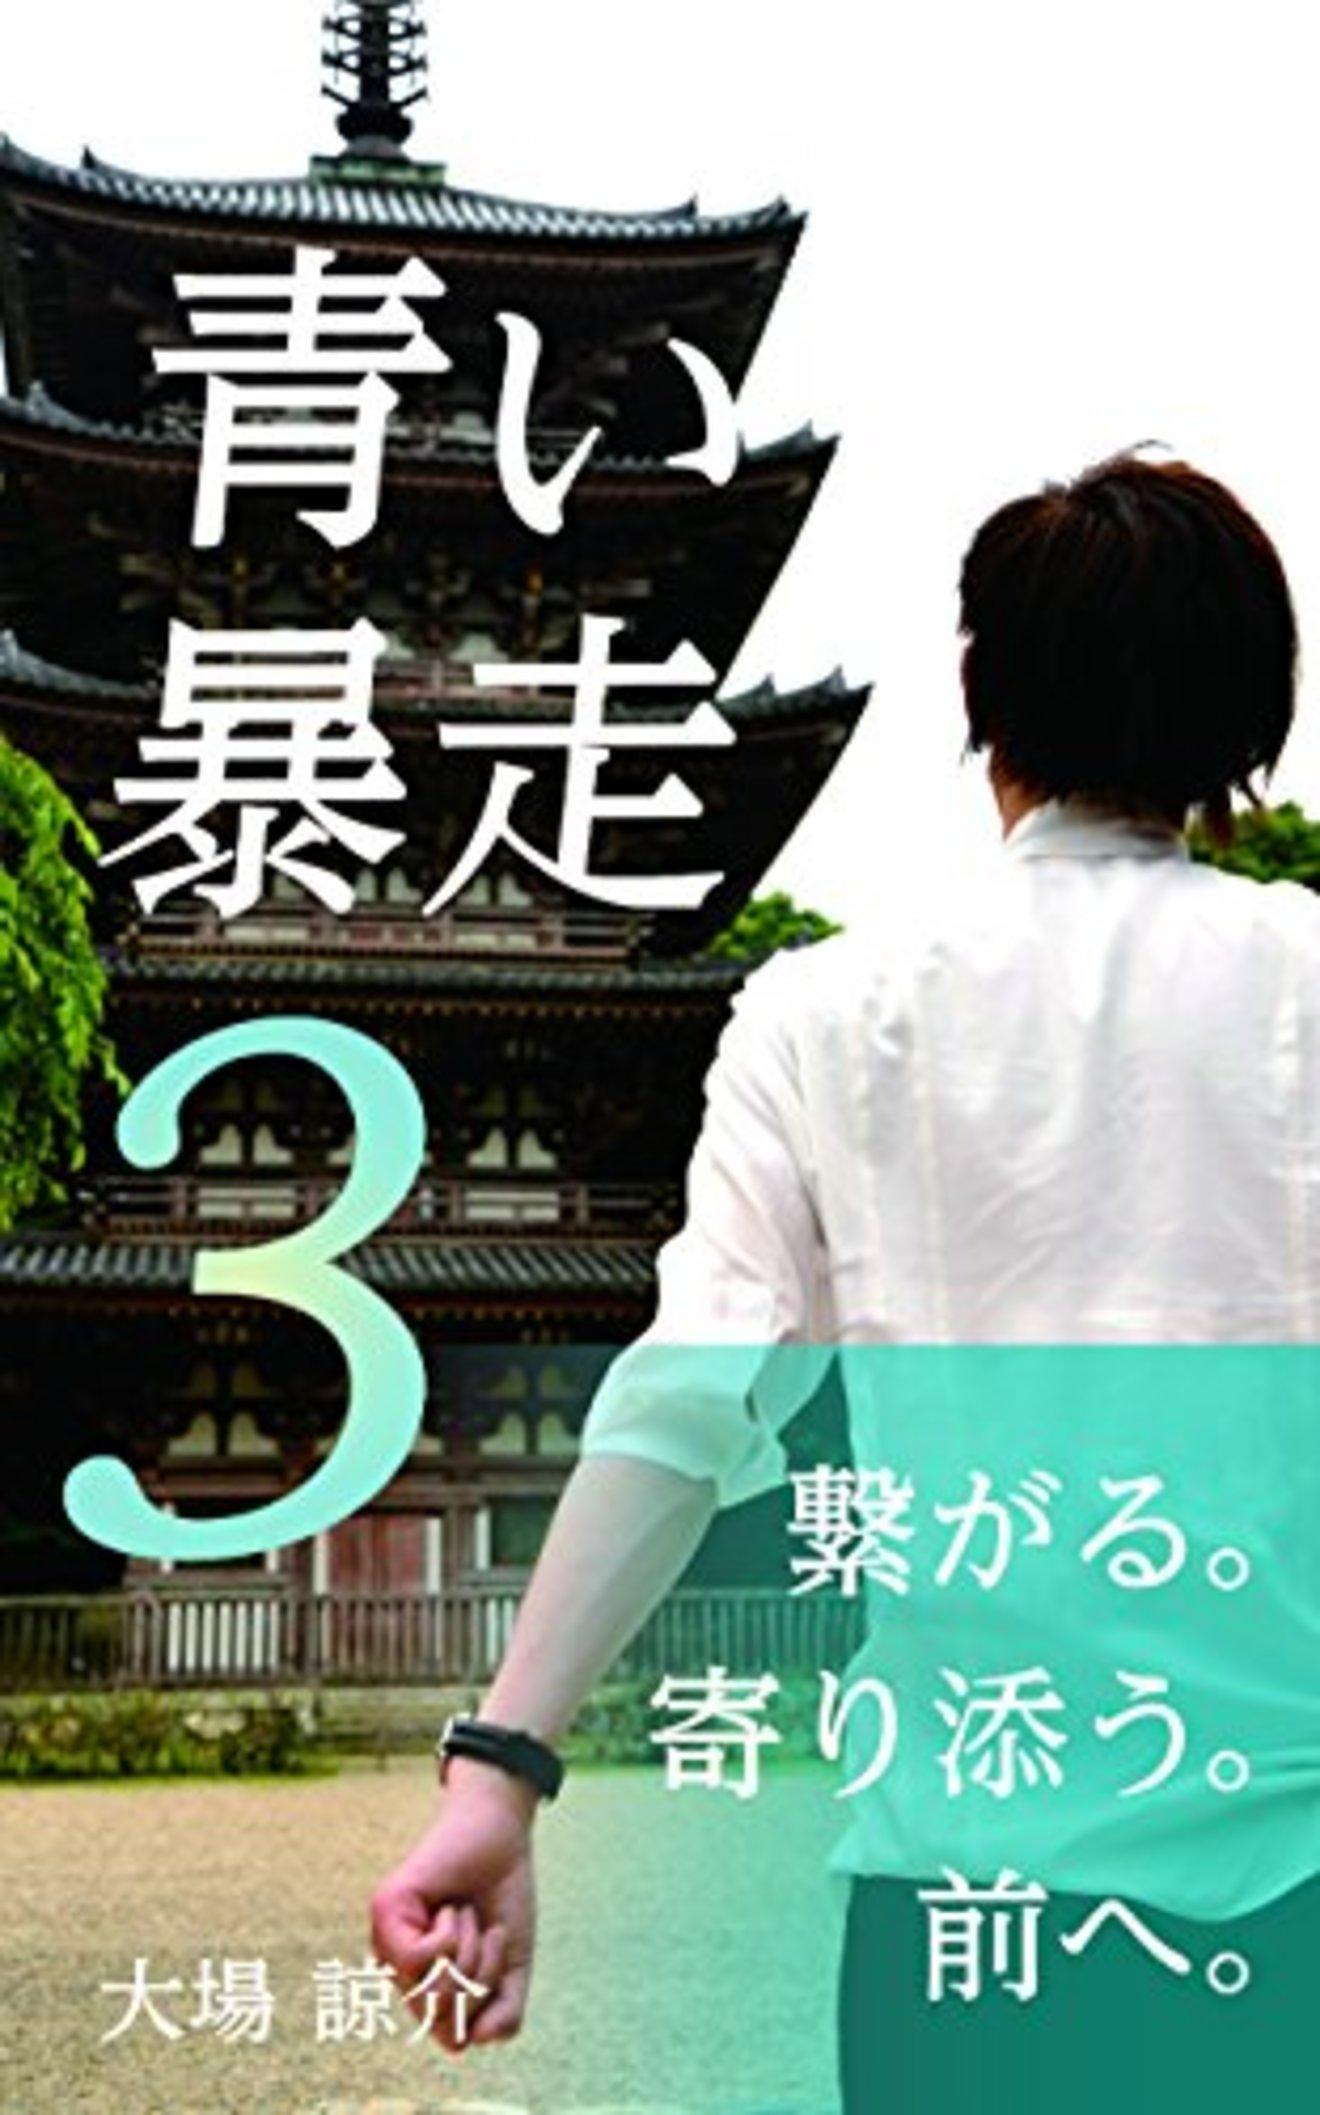 【連載小説】「ロマンティックが終わる時」第13話【毎朝6時更新】